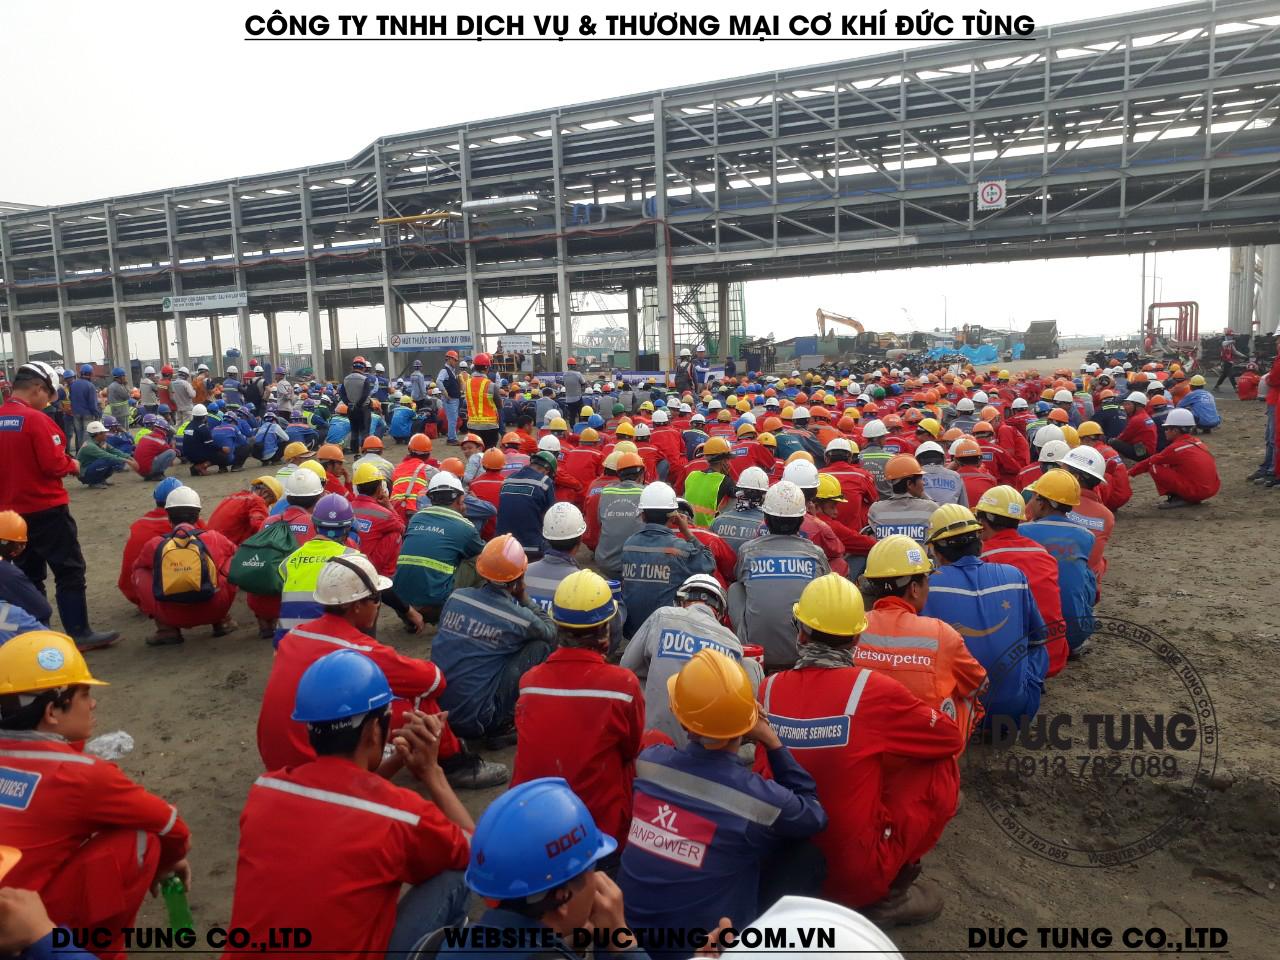 Chống ăn mòn cho kết cấu & đường ống Nhà máy sản xuất polypropylene và kho ngầm chứa khí dầu mỏ hóa lỏng (HSVC1 PP4 Project)